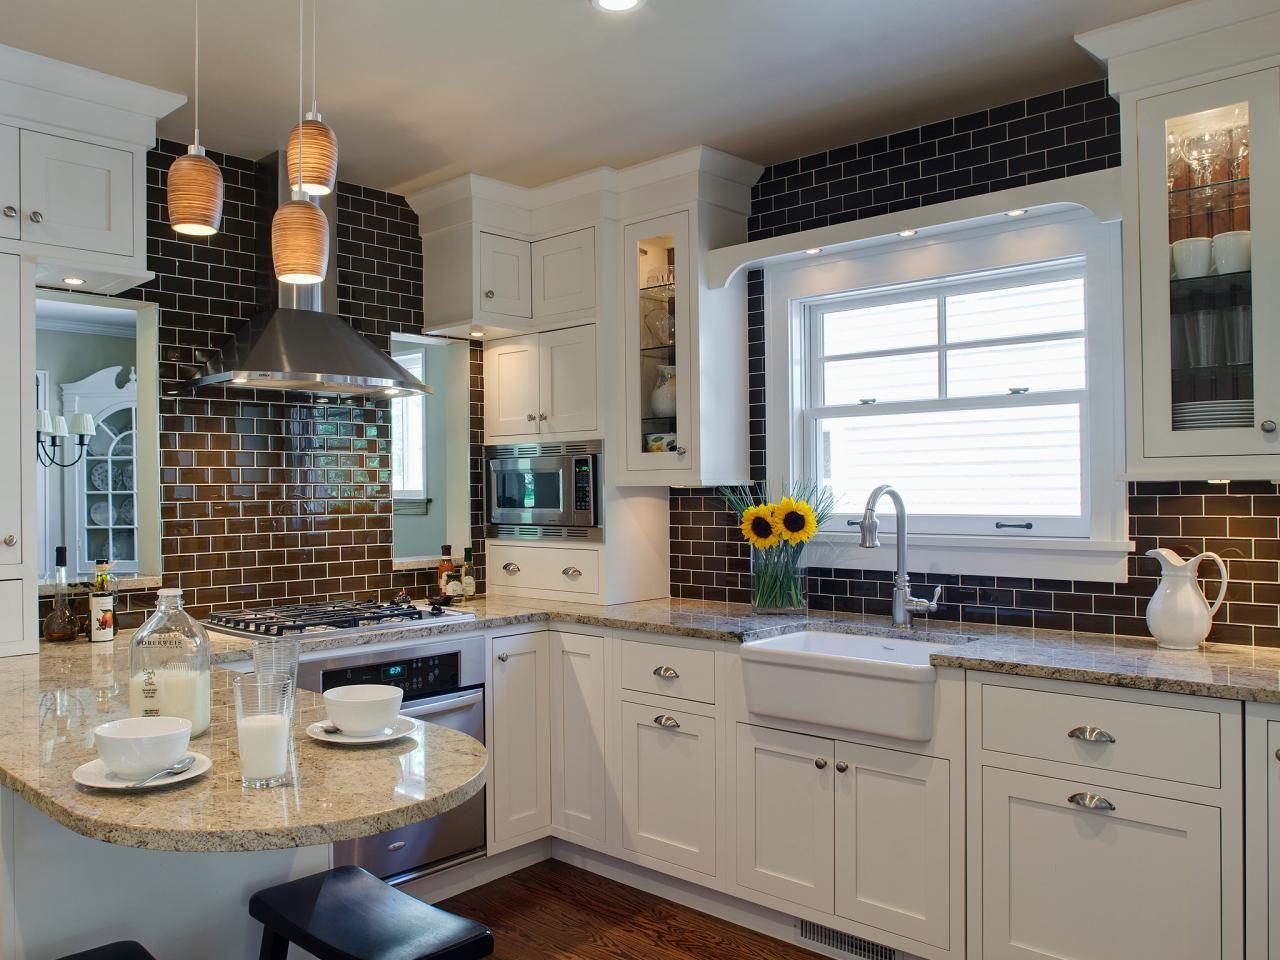 trendiest kitchen backsplash materials brickwork subway tiles